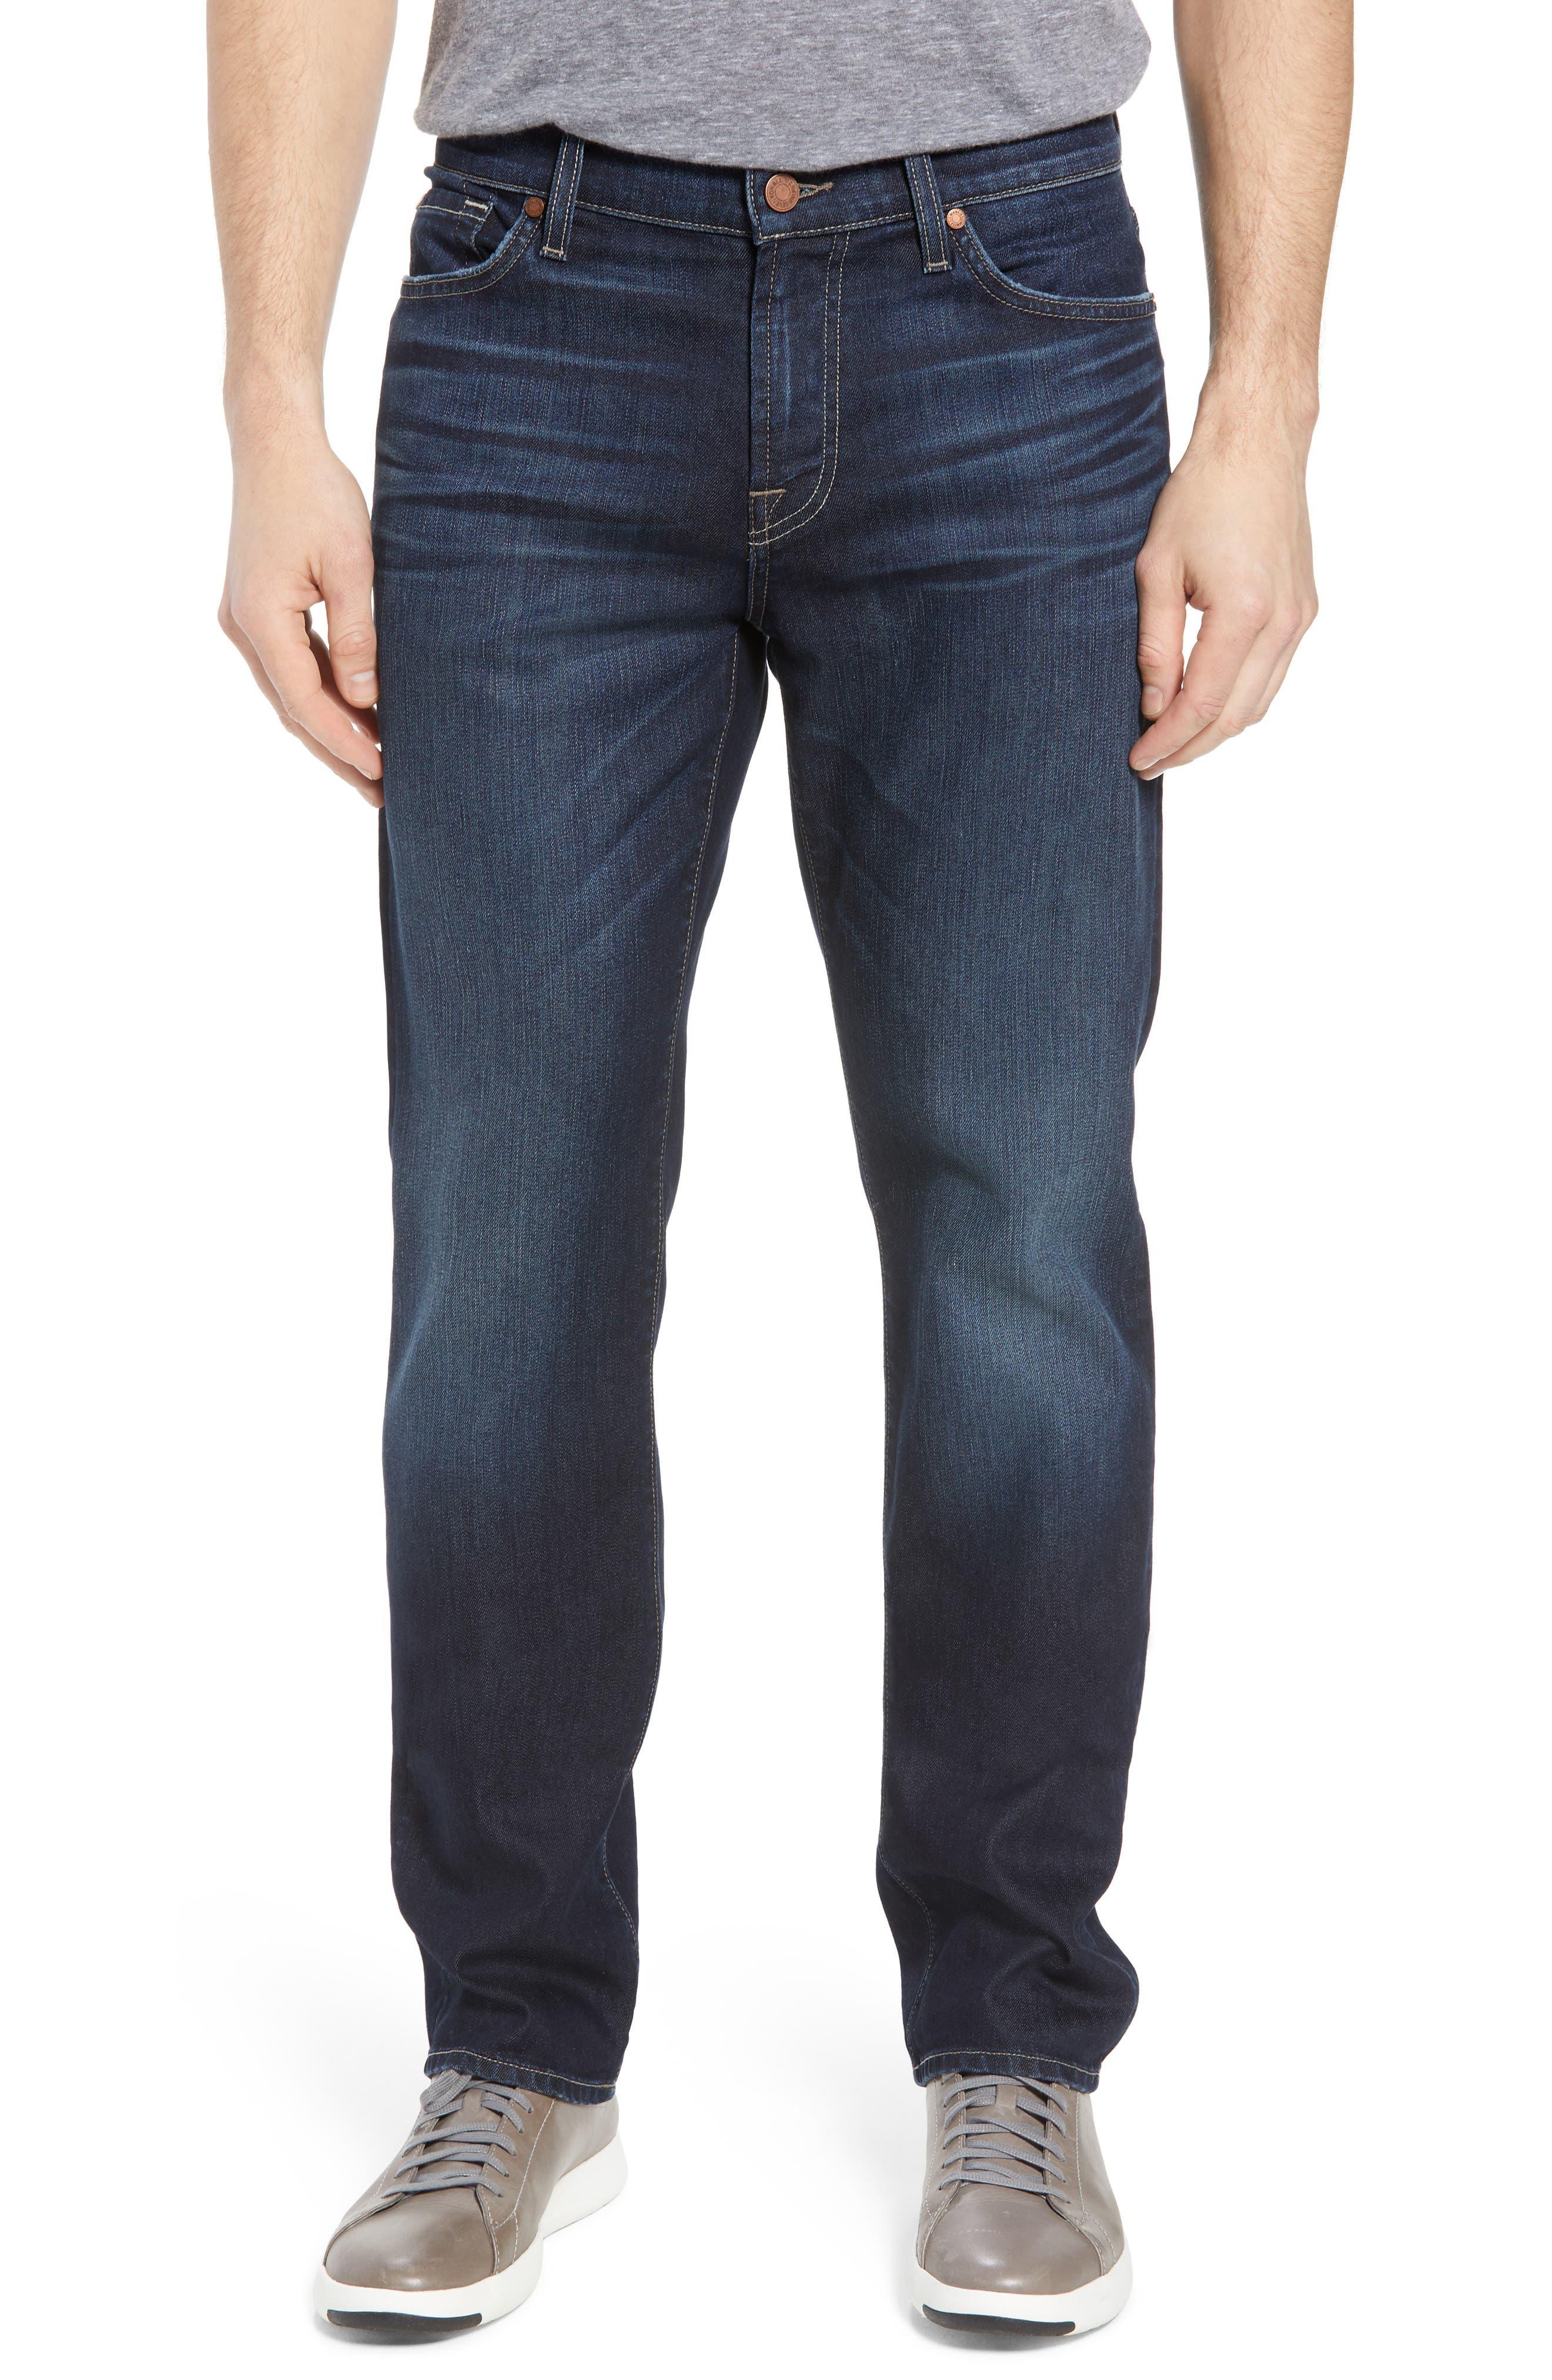 Airweft Standard Straight Leg Jeans,                         Main,                         color, Concierge